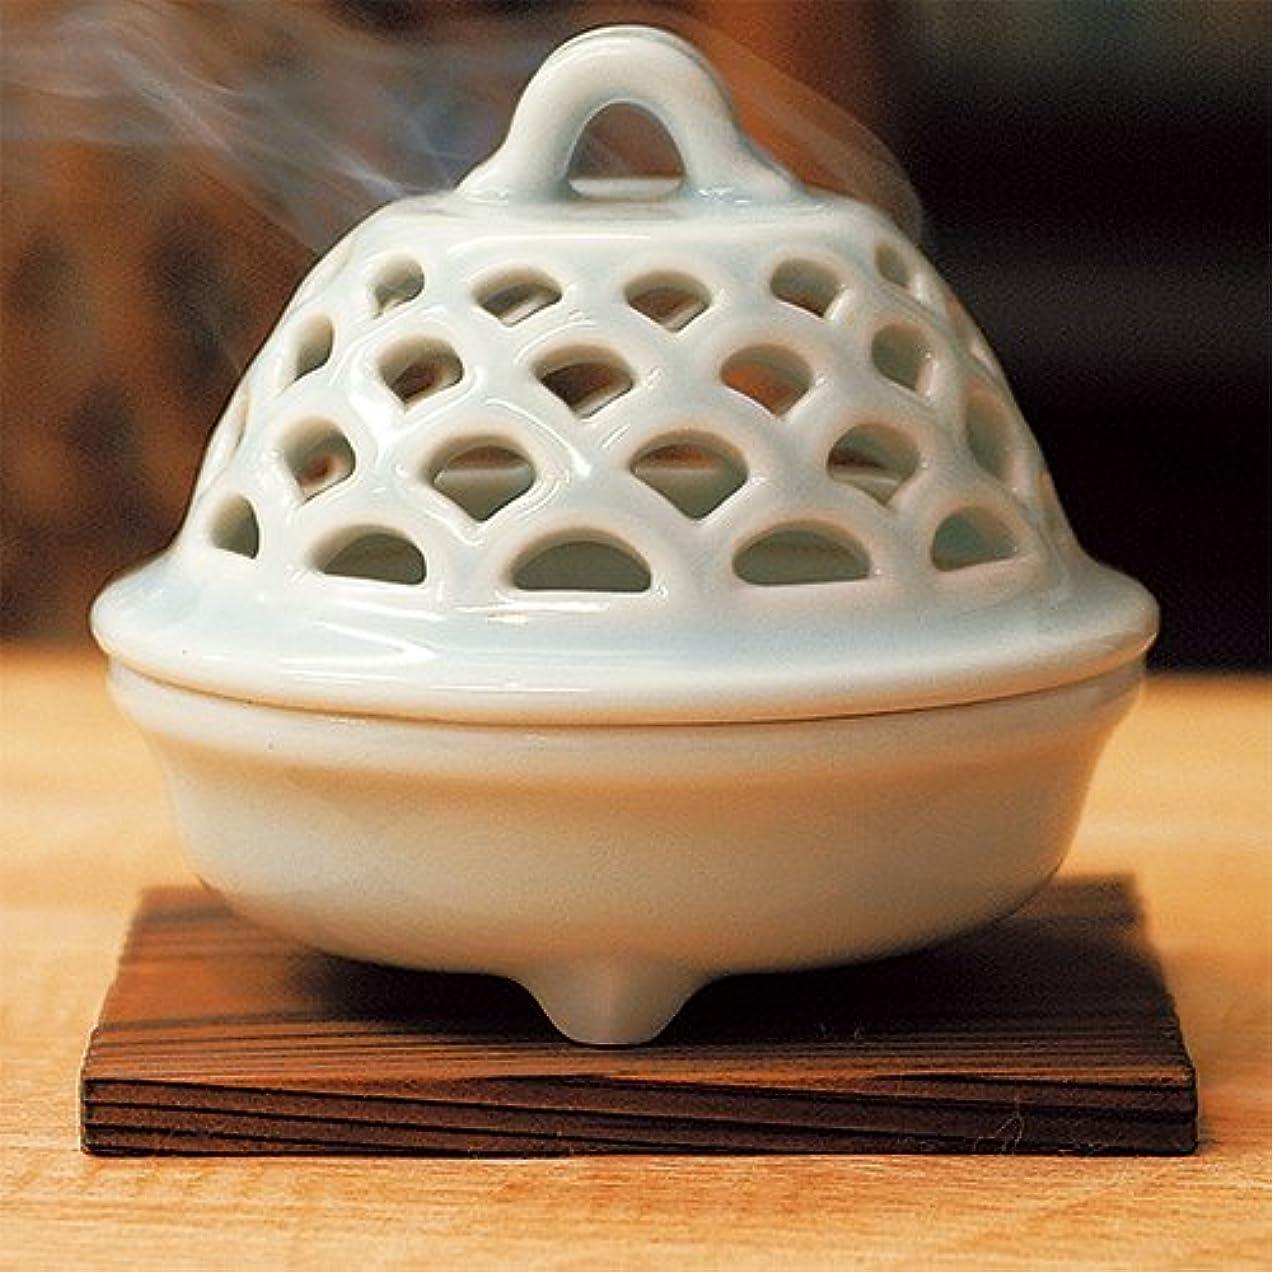 スピン大使館包囲香炉 青磁 透し彫り 香炉 [R9.5xH9cm] プレゼント ギフト 和食器 かわいい インテリア